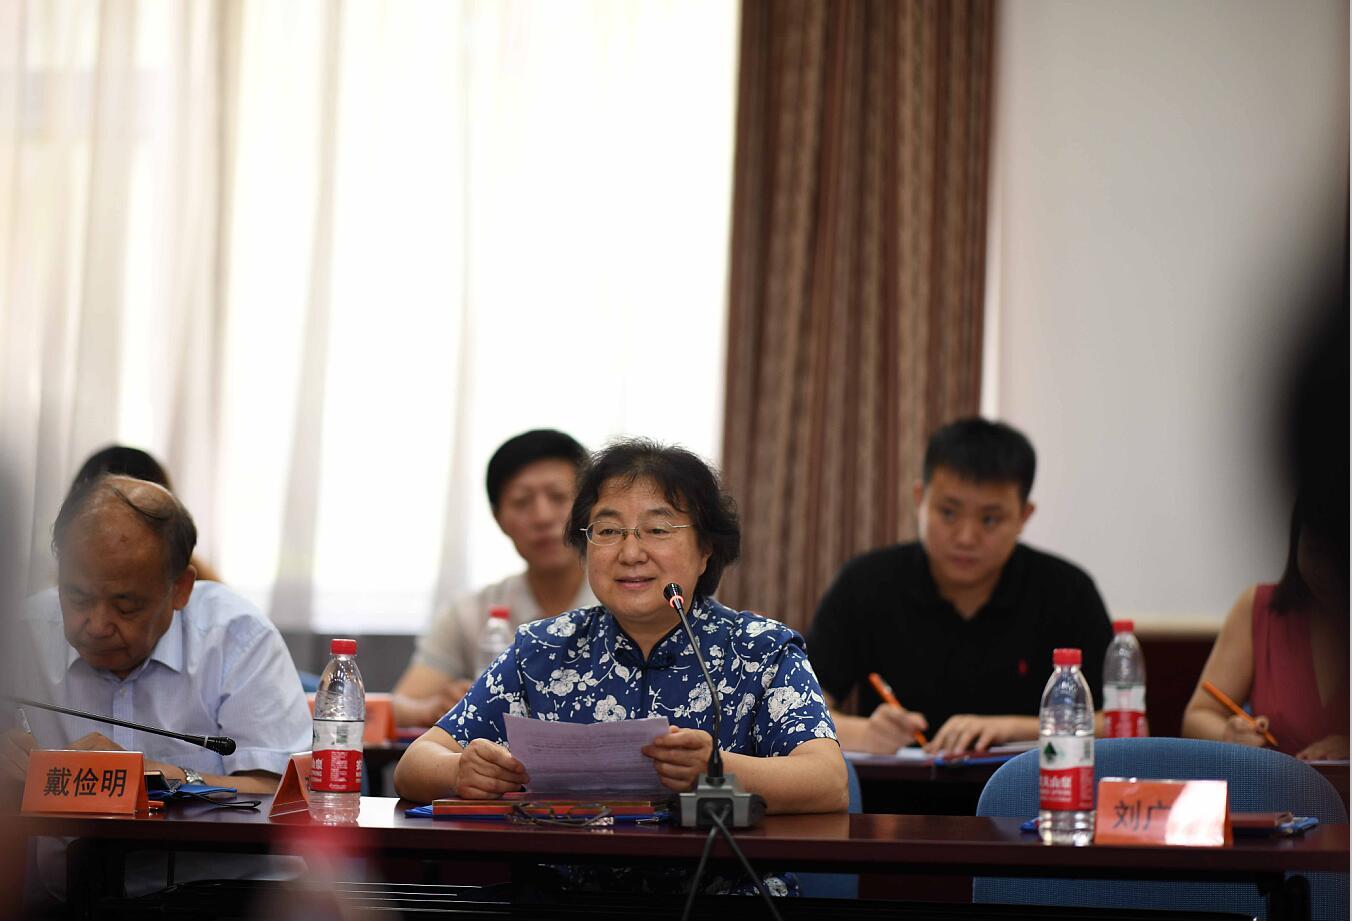 张文祥:大同市晋剧院坚守文化自信、弘扬传统文化一往无前的精神值得赞扬